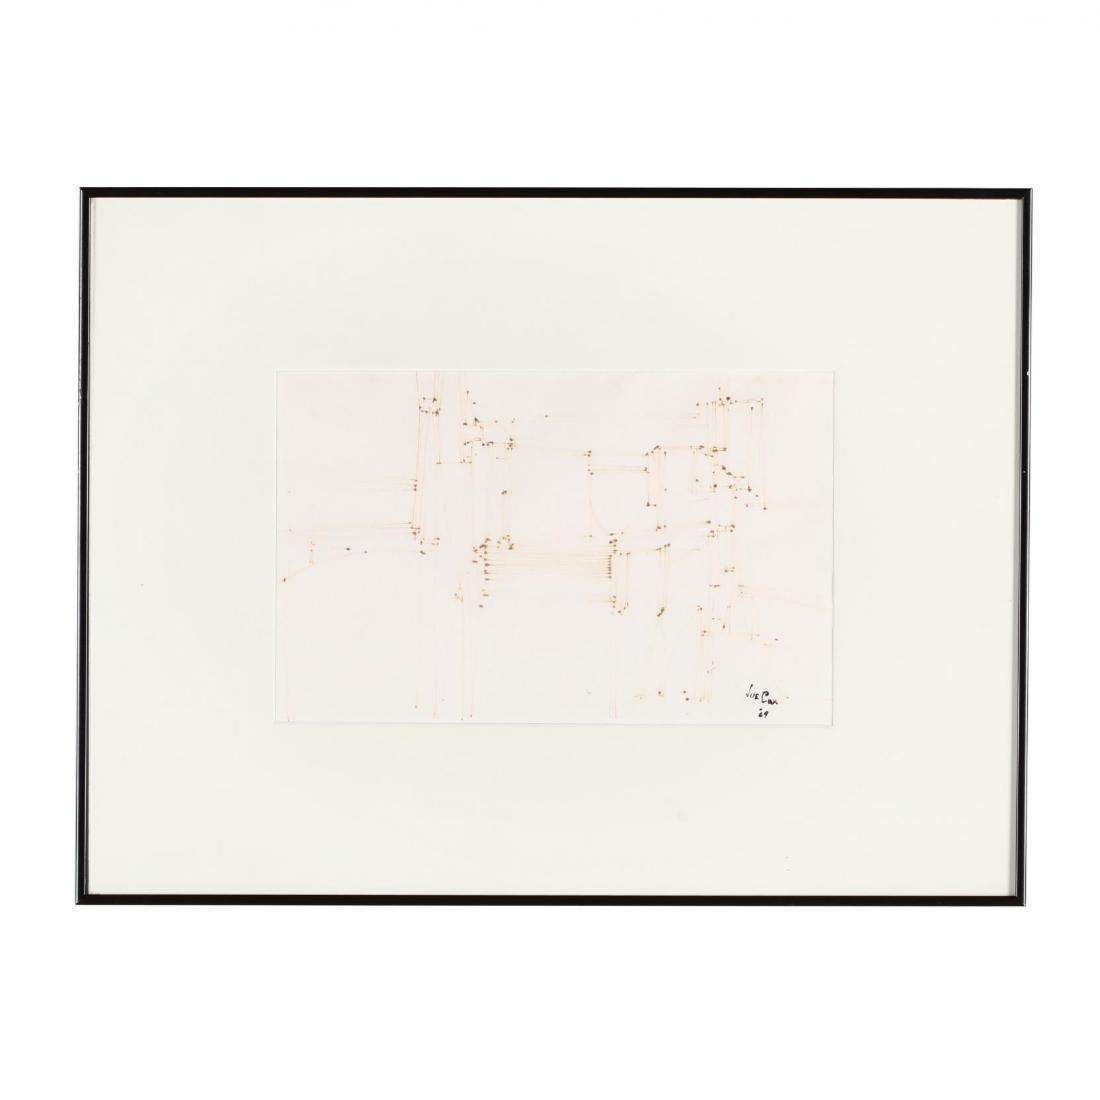 Joe Cox (NC, 1915-1997), Small Ink Drawing